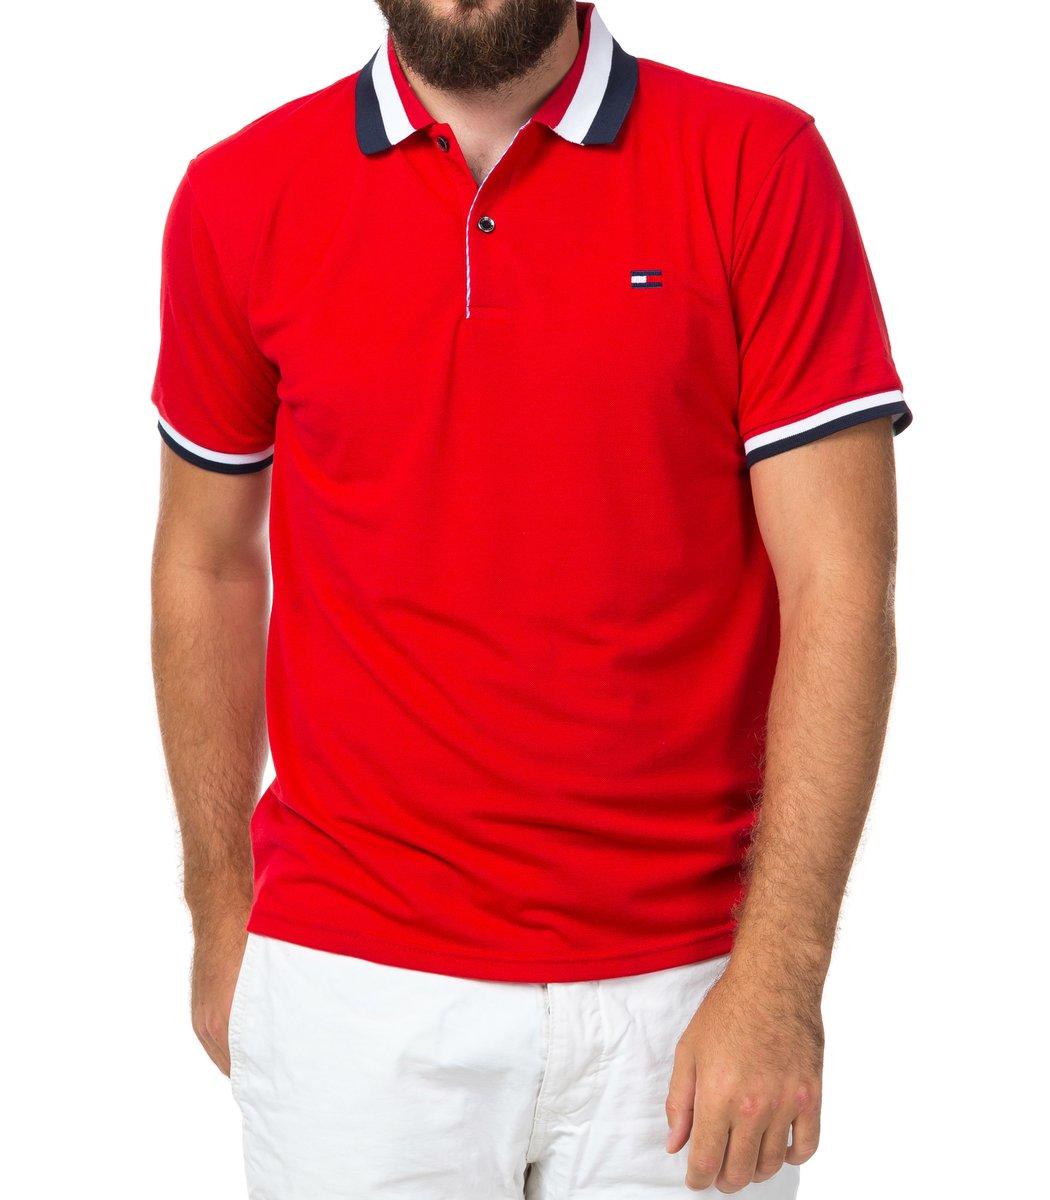 Мужская красная футболка поло Tommy Hilfiger - красный - Вид 2